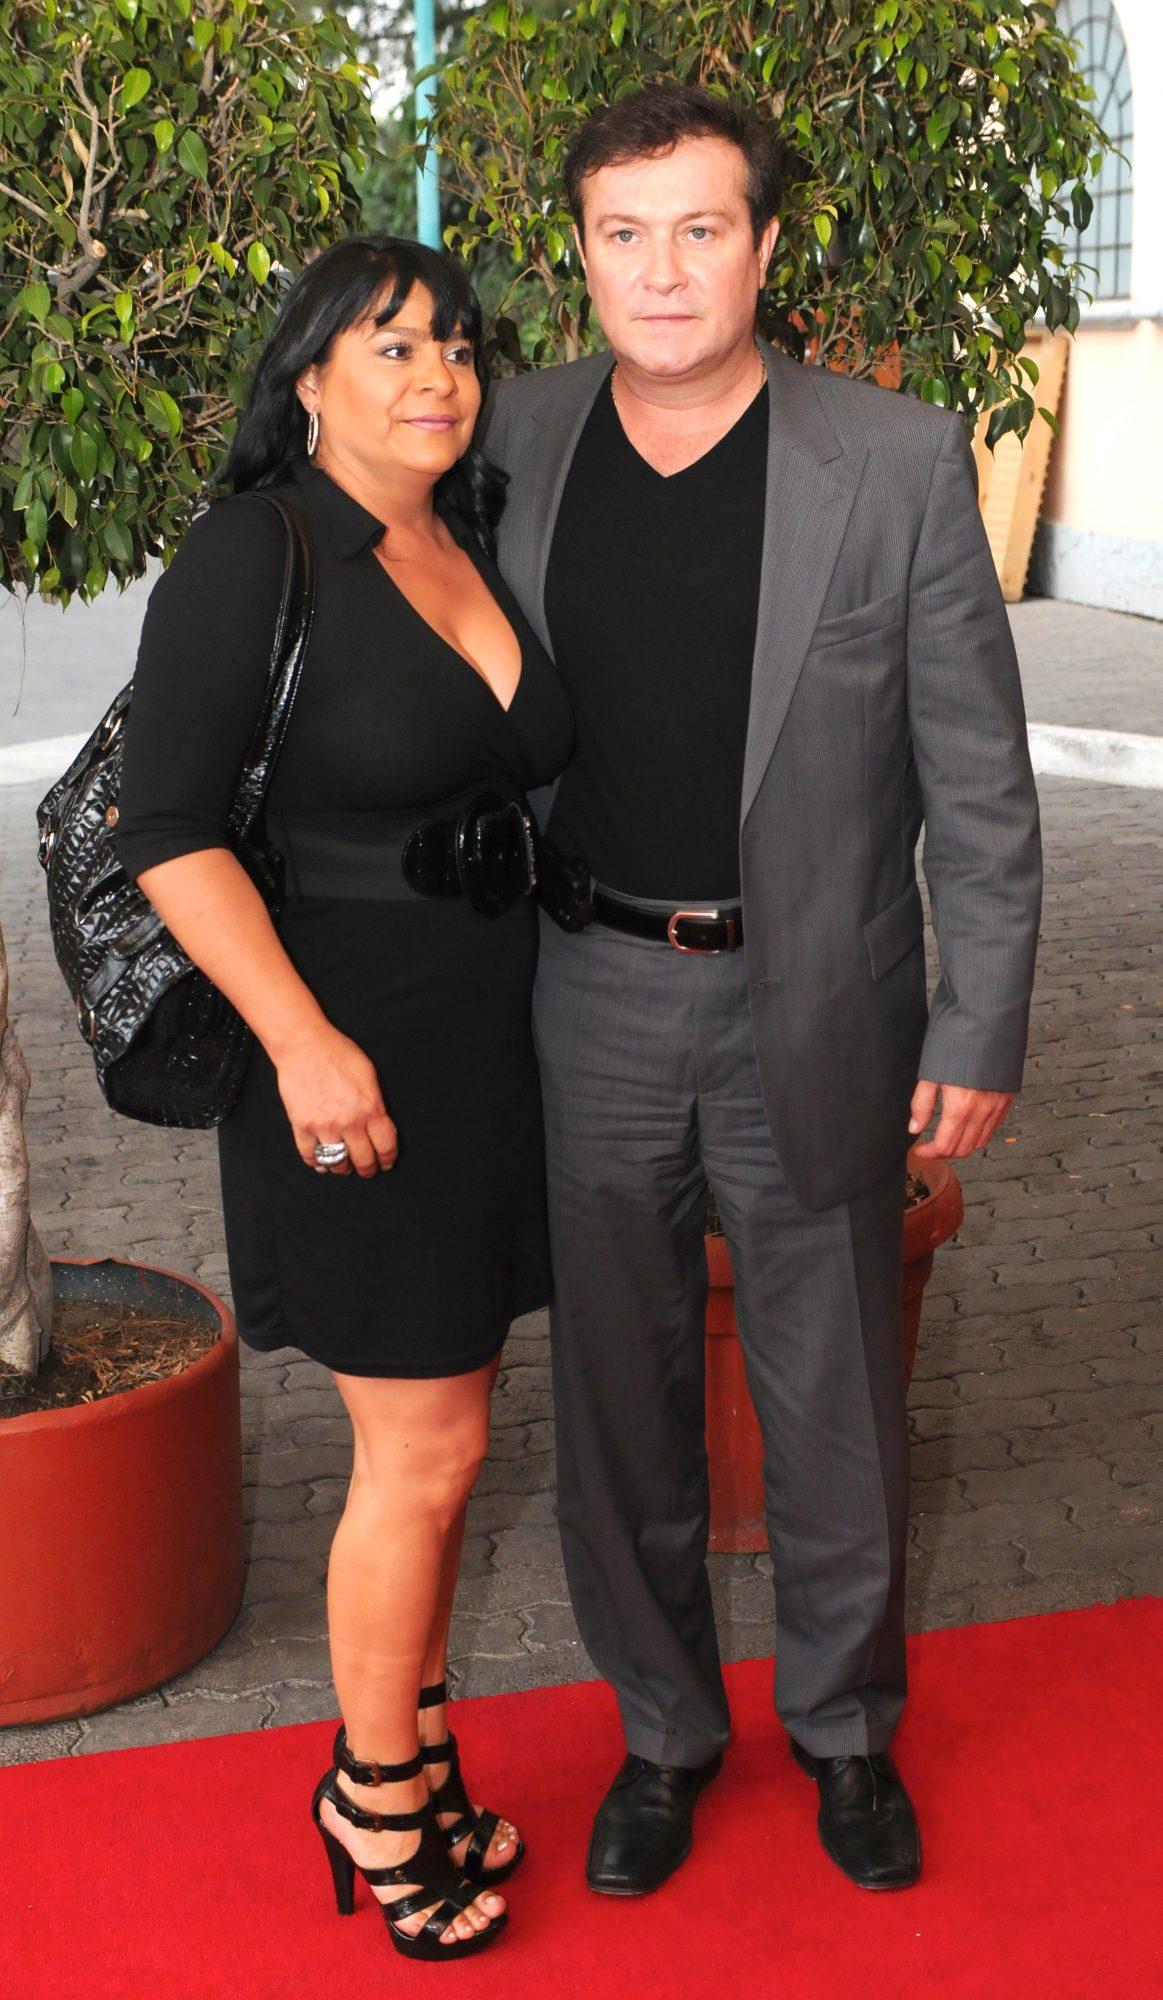 Arturo Peniche y esposa